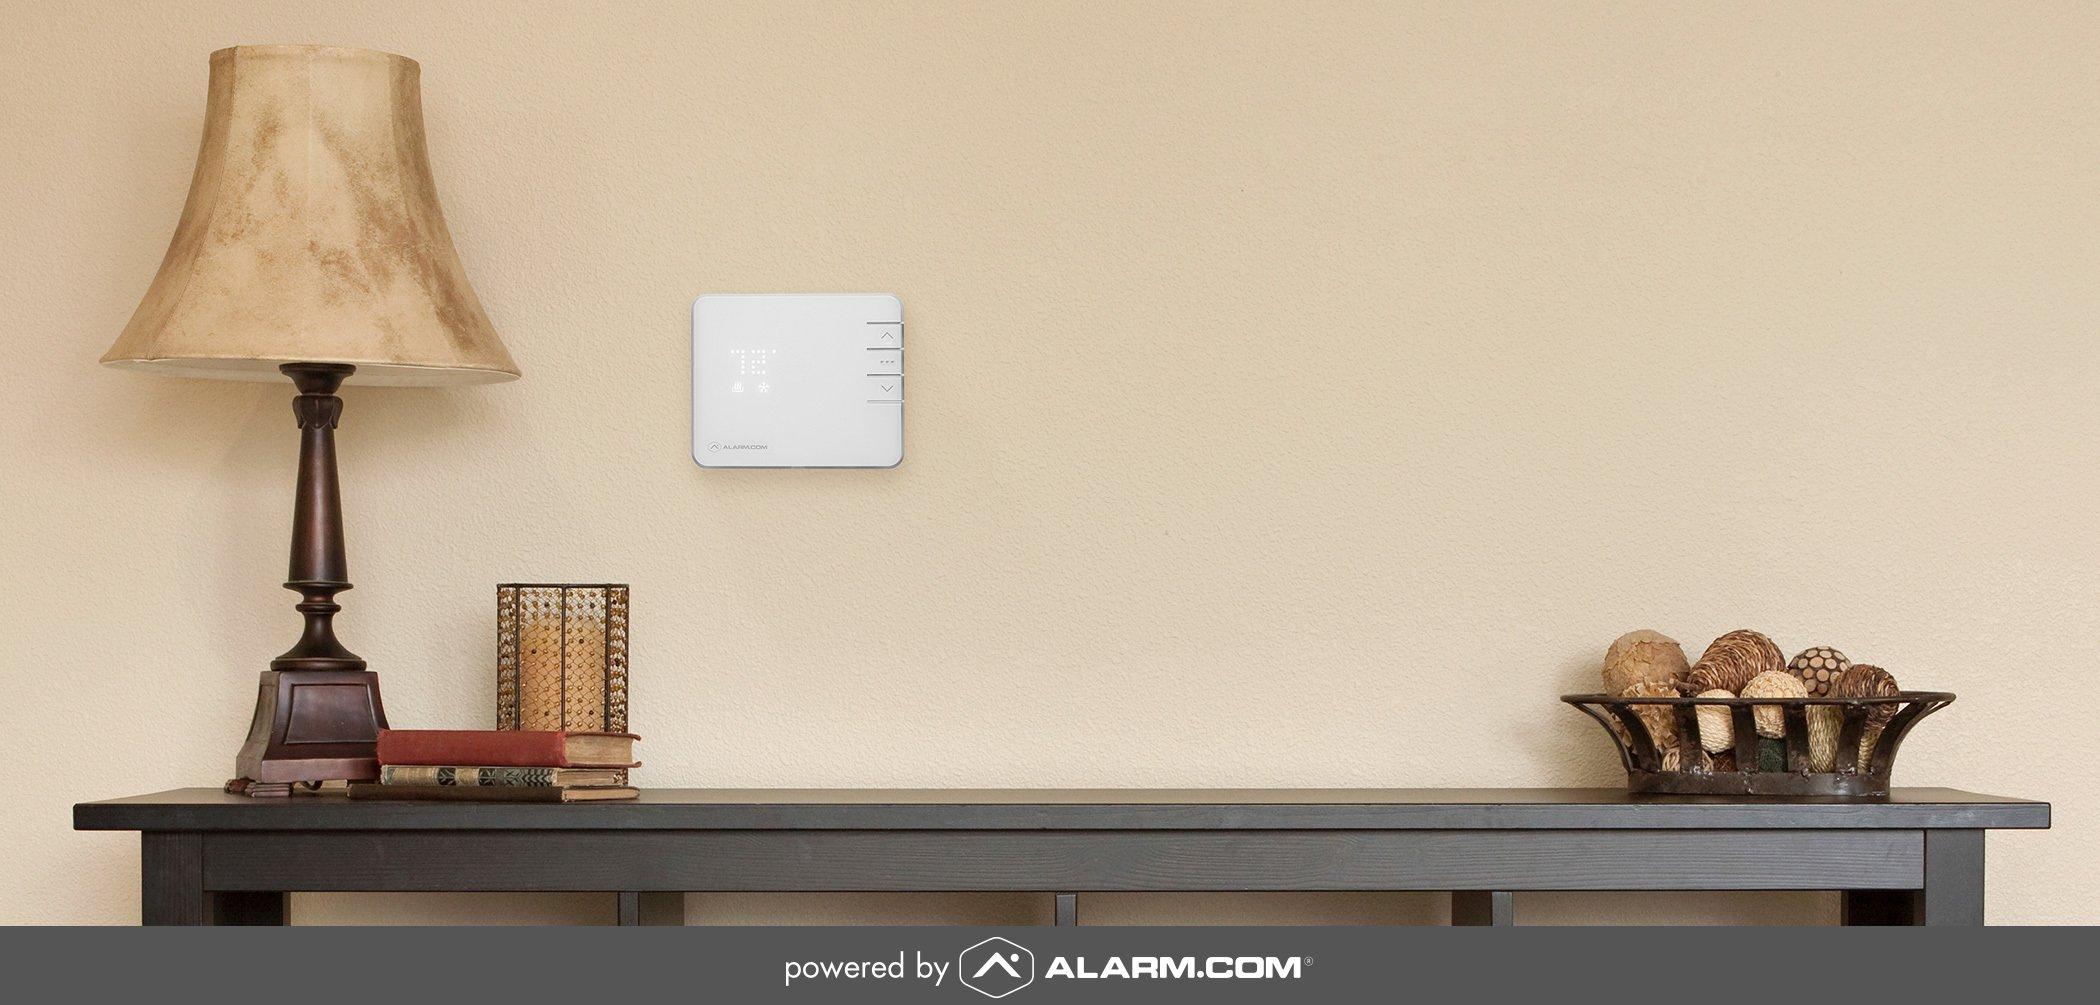 Home Alarm System Montauk, NY